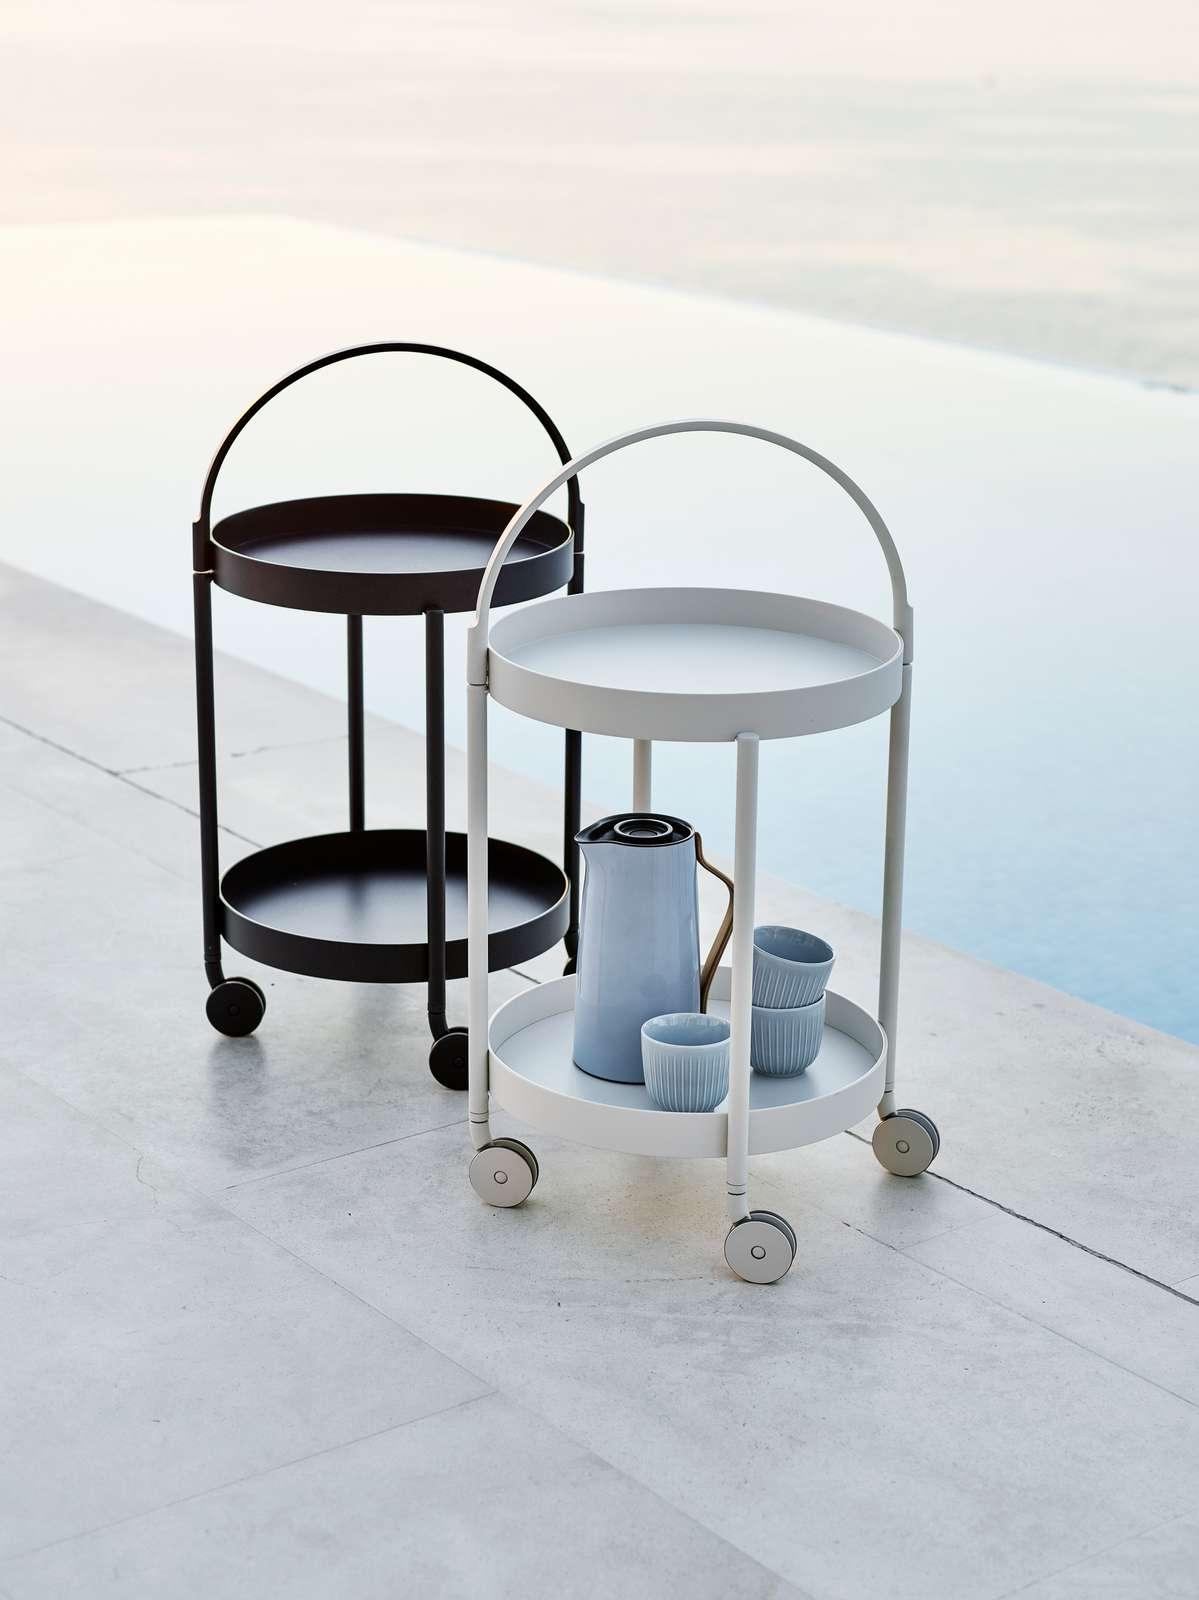 Roll trillebord med avtagbart brett med hank - lett som bare det å ta med seg ting inn og ut fra terassen.